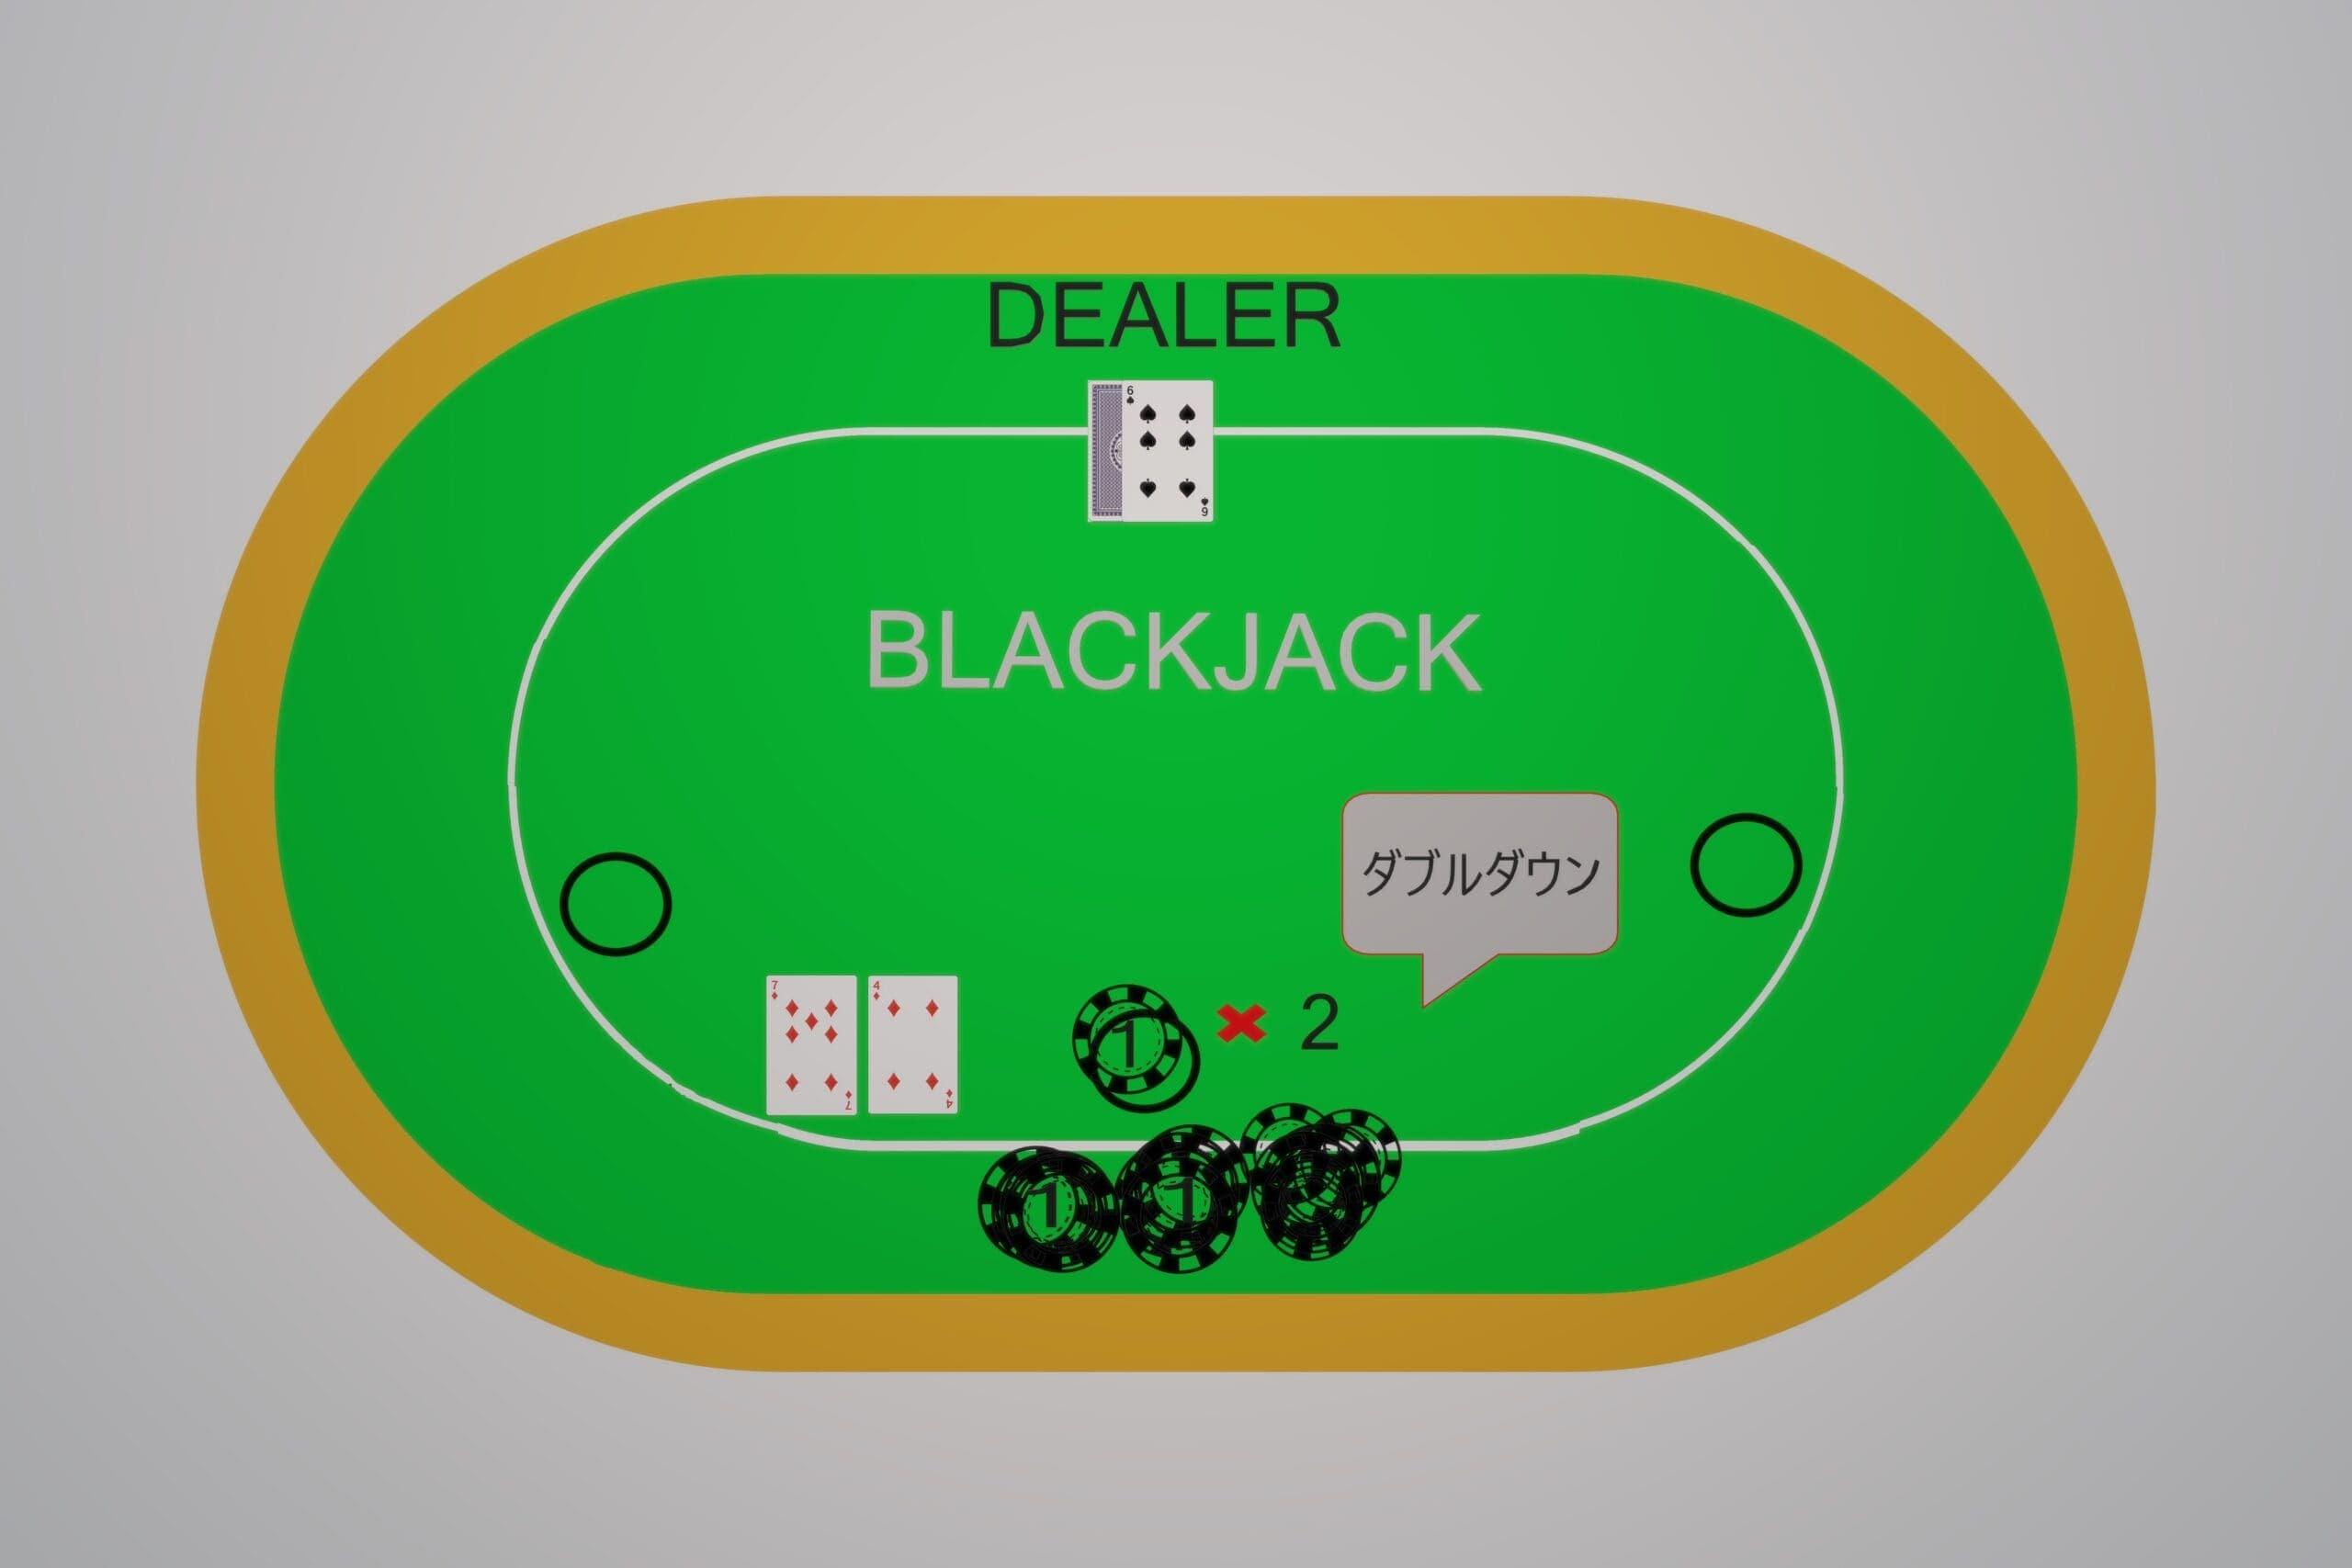 ブラックジャック 賭け方